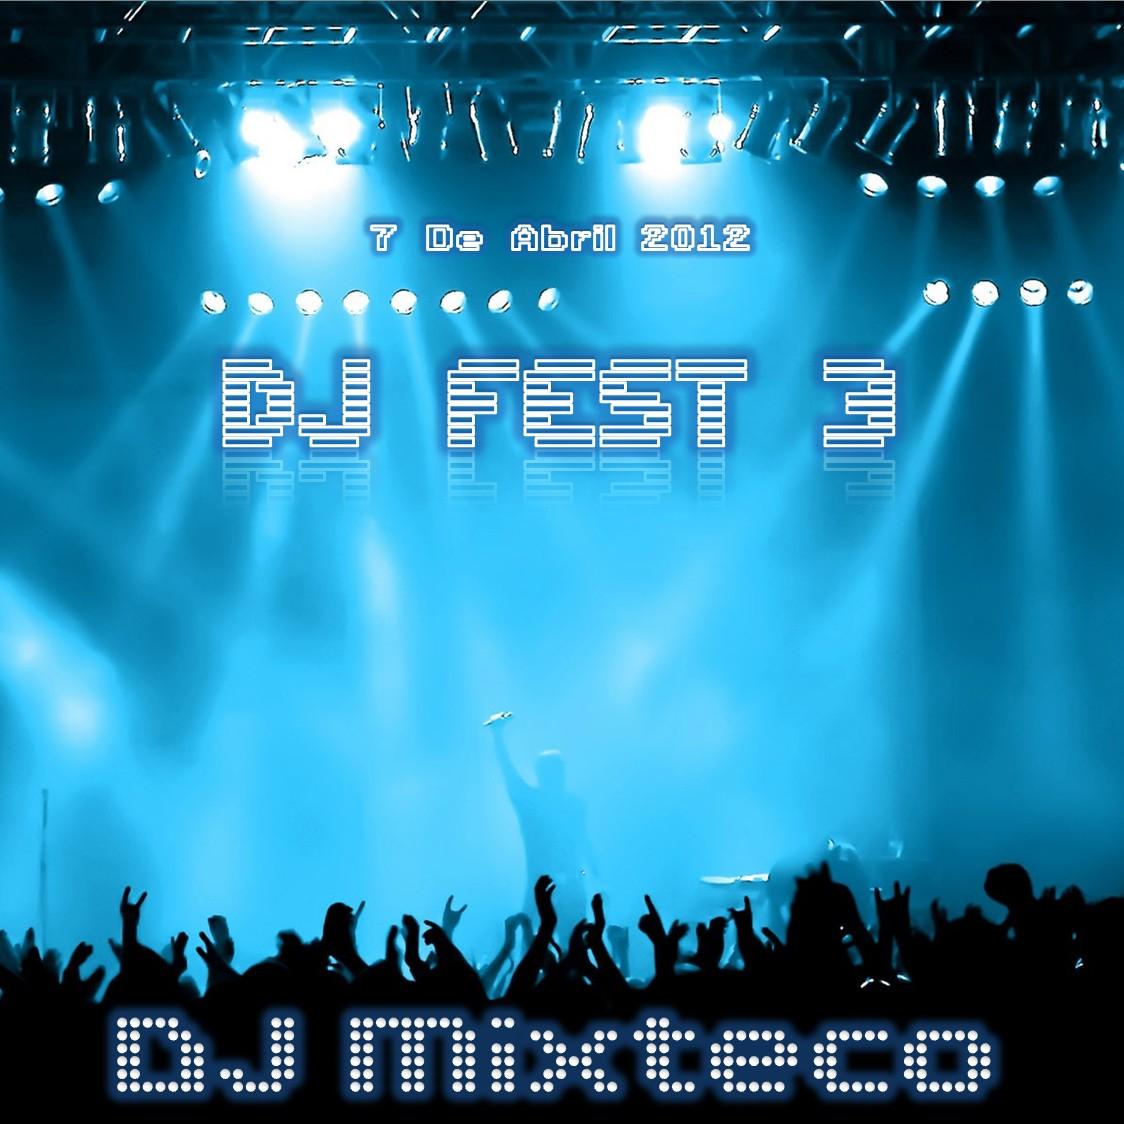 http://2.bp.blogspot.com/-bAHacZ-A4Zg/T6f9M3Jm86I/AAAAAAAAAFg/cfEJGJPcUPM/s1600/DJ+Mixteco+-+DJ+Fest+3+(7+De+Abril+2012).jpg